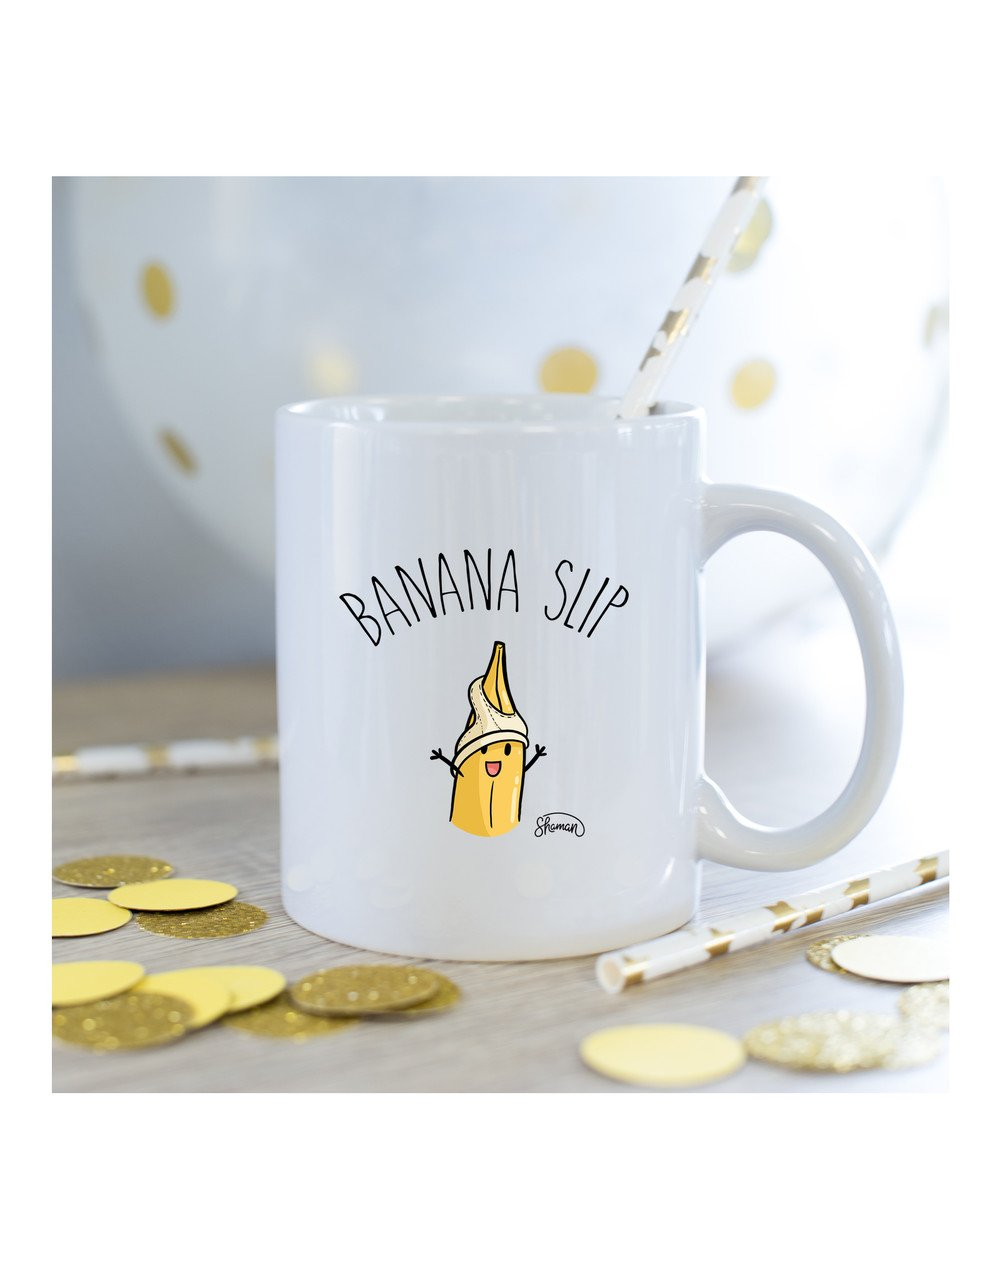 Mug Banana slip